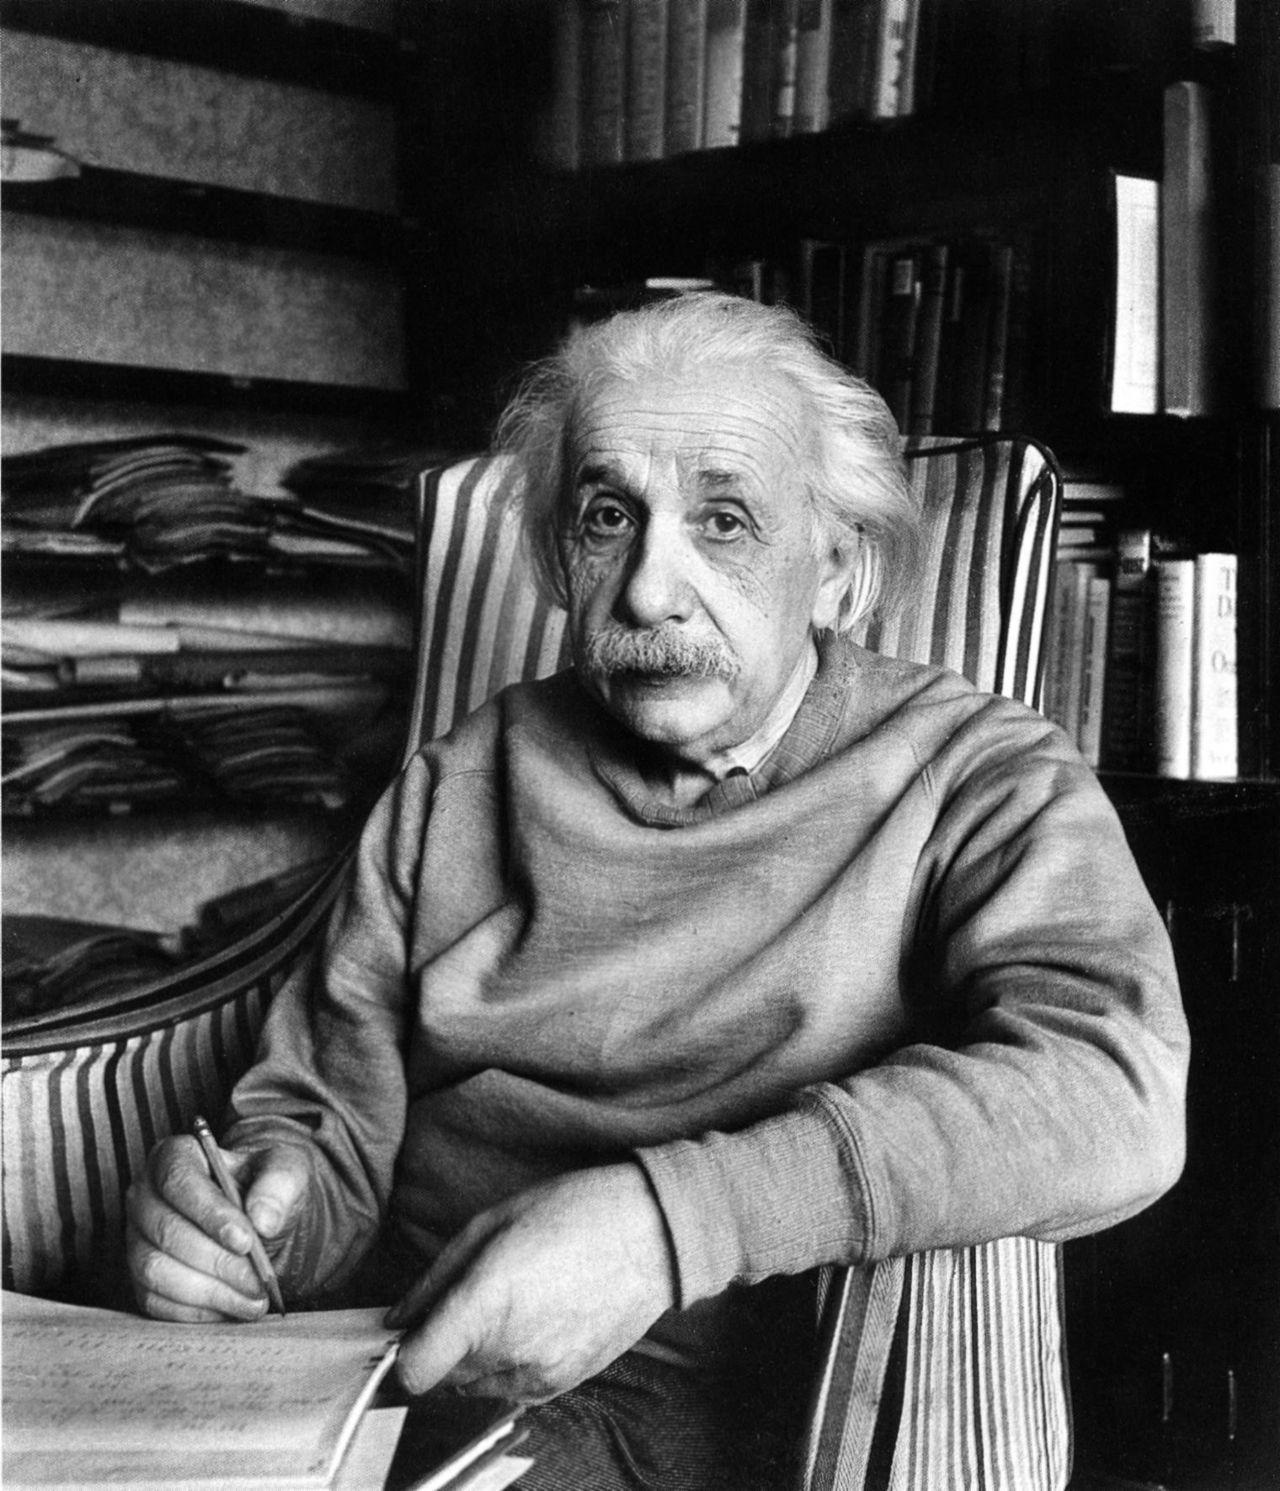 Alfred Eisenstaedt: Albert Einstein in chair writing with pencil,  Princeton, NJ, 1949